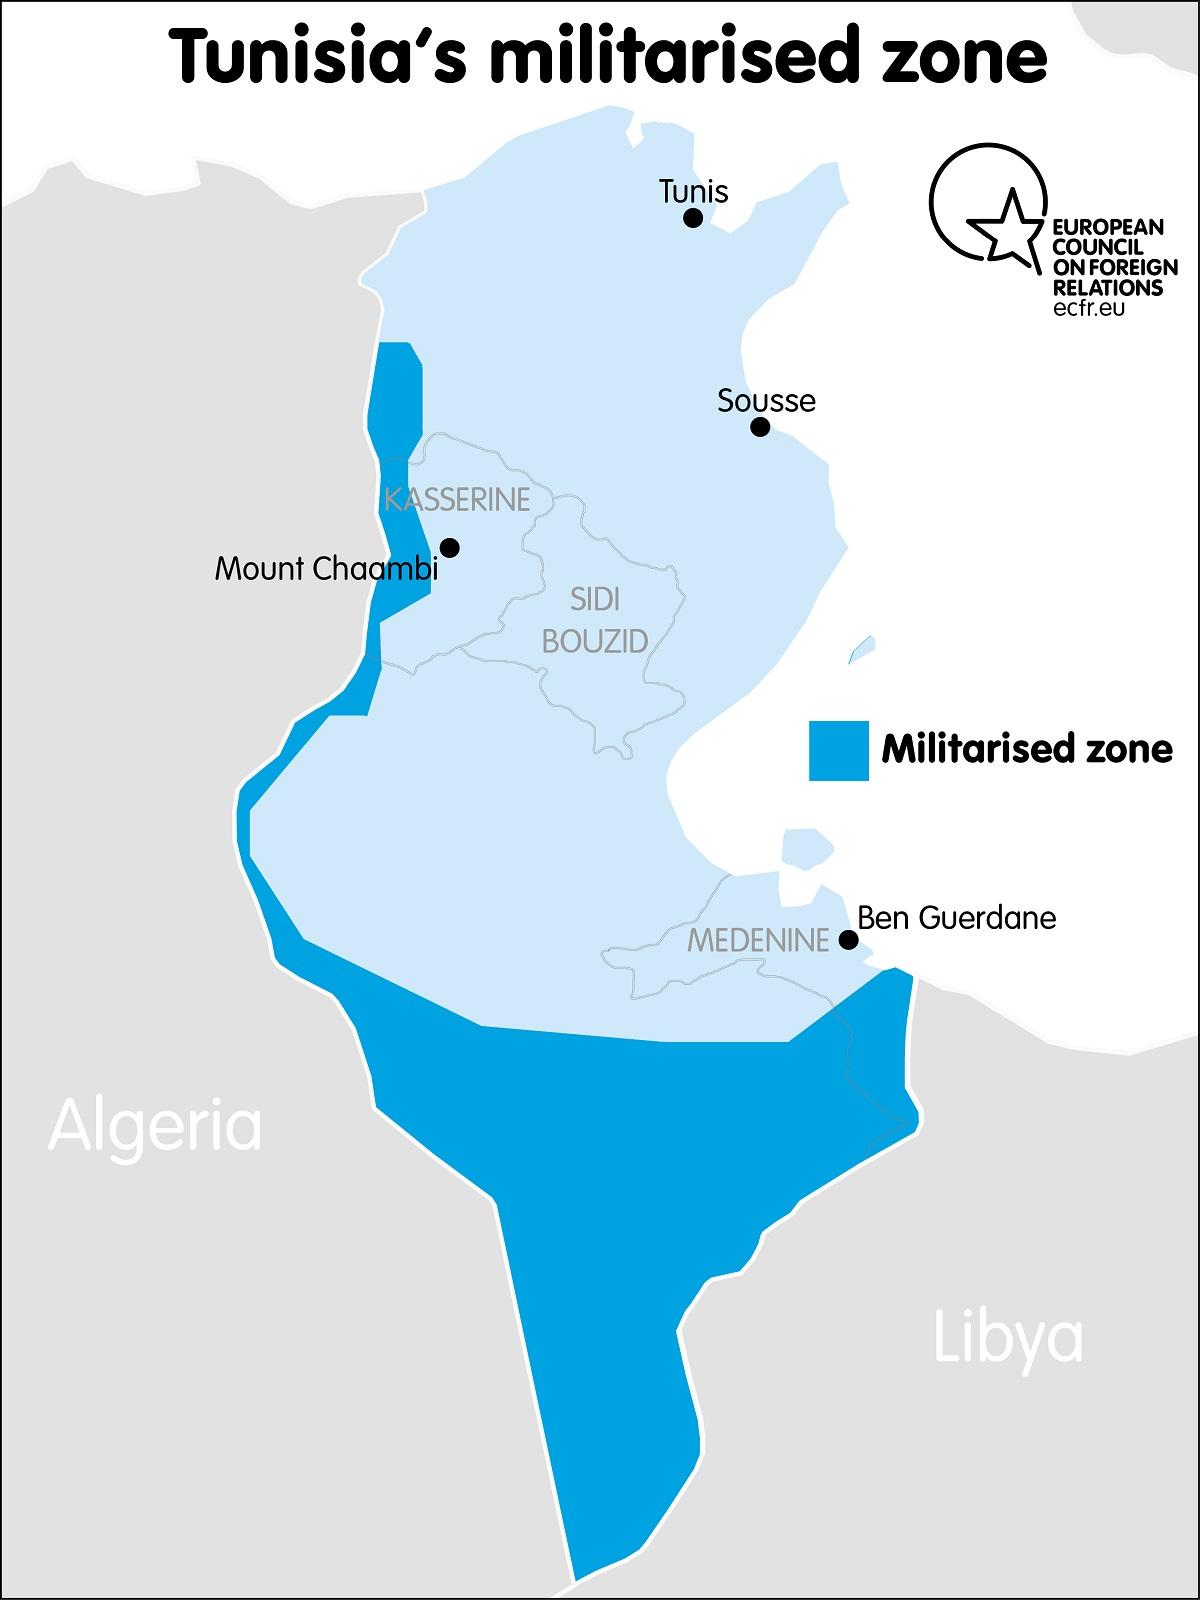 Tunisia's militarised zones